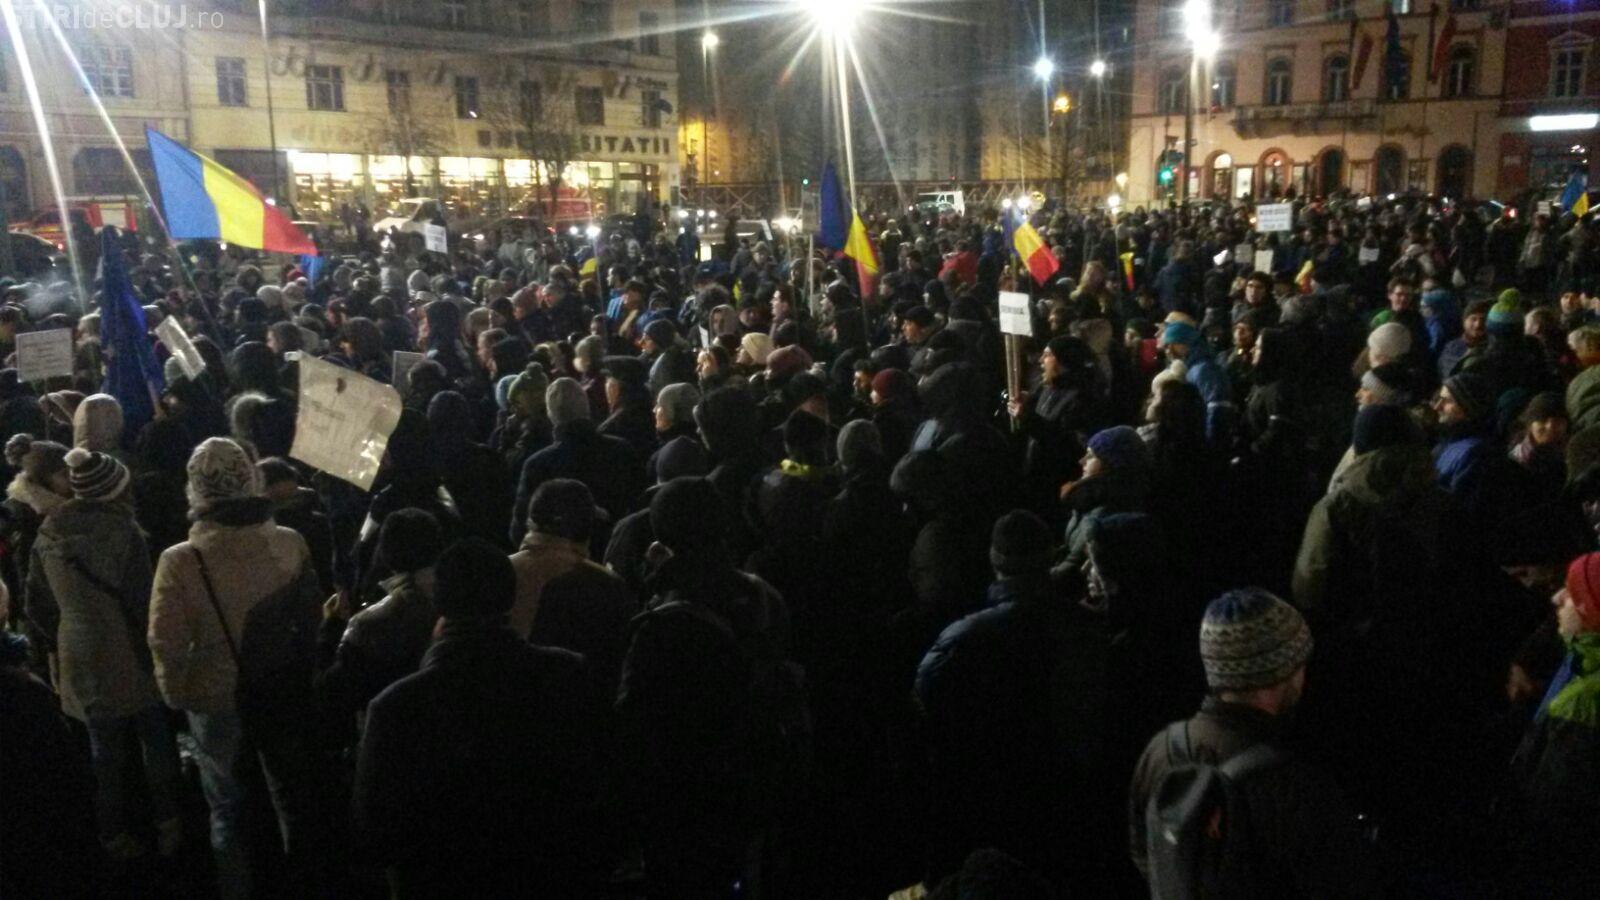 Ziua zece de proteste la Cluj! Peste 3.000 de oameni au ieșit în Piața Unirii FOTO/VIDEO